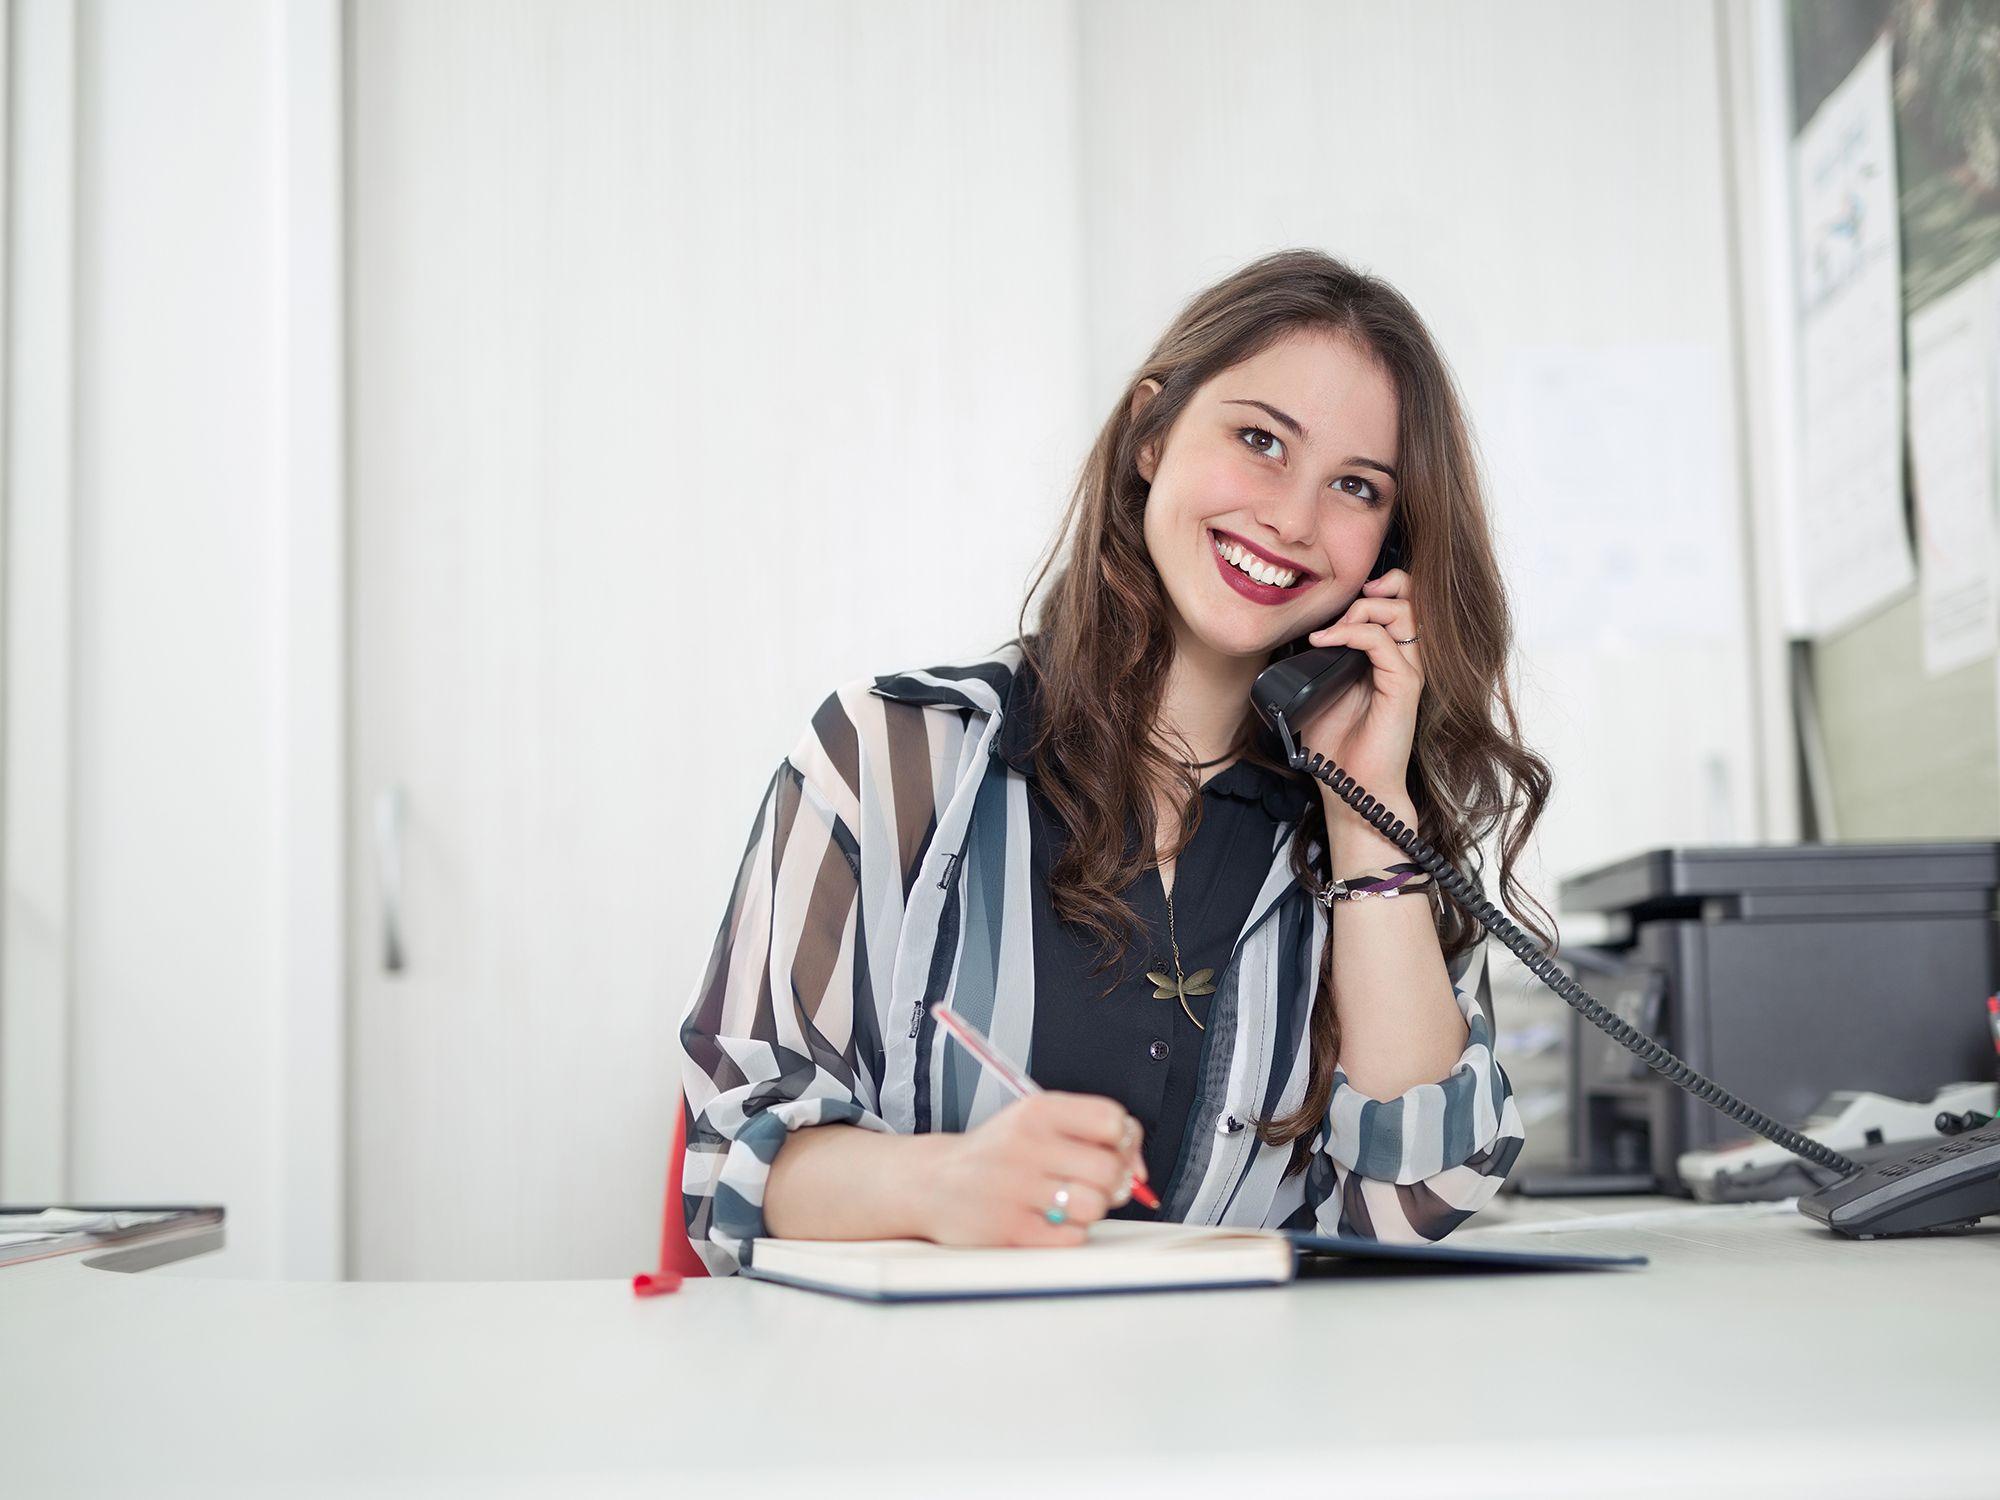 Level 1 - Sekretäre, Sekretärinnen, Schreibkraft, Schreibsekretär, Bürohilfskraft, Bürofachkraft, Empfangssekretär, Empfangssekretärin, Bürosekretär, Bürosekretärin, Bürokraft, Leiharbeiter, Zeitarbeiter, Leiharbeitnehmer, Leihkraft, Temporärarbeiter für Büros, Büroarbeit, Büroaufgaben, Bürotätigkeiten, Büroorganisation, Sekretariat, Urlaubsvertretung und Rekrutierung bei uns als Personalagentur, Zeitarbeitsfirma, Zeitarbeitsunternehmen, Personal-Service-Agentur, Personaldienstleistungsagentur und Leiharbeitsfirma per Arbeitnehmer-Leasing, Arbeitnehmerüberlassung, Arbeitskräfte-Leasing, Arbeitskräfteüberlassung, Arbeitskraftüberlassung, Leiharbeit, Mitarbeiter-Leasing, Mitarbeiterleasing, Mitarbeiterüberlassung, Personaldienstleistung, Personalleasing, Personalüberlassung, Temporärarbeit, Zeitarbeit buchen, mieten, leihen oder langfristig neue Mitarbeiter für Jobs wie Büro Jobs, Schülerjobs, Ferienjobs, Aushilfsjobs, Studentenjobs, Werkstudentenjobs, Saisonjobs, Vollzeit Jobs, Teilzeit Jobs, Nebenjobs, Temporär Jobs, Gelegenheitsjobs per Personalvermittlung suchen, finden und vermittelt bekommen.